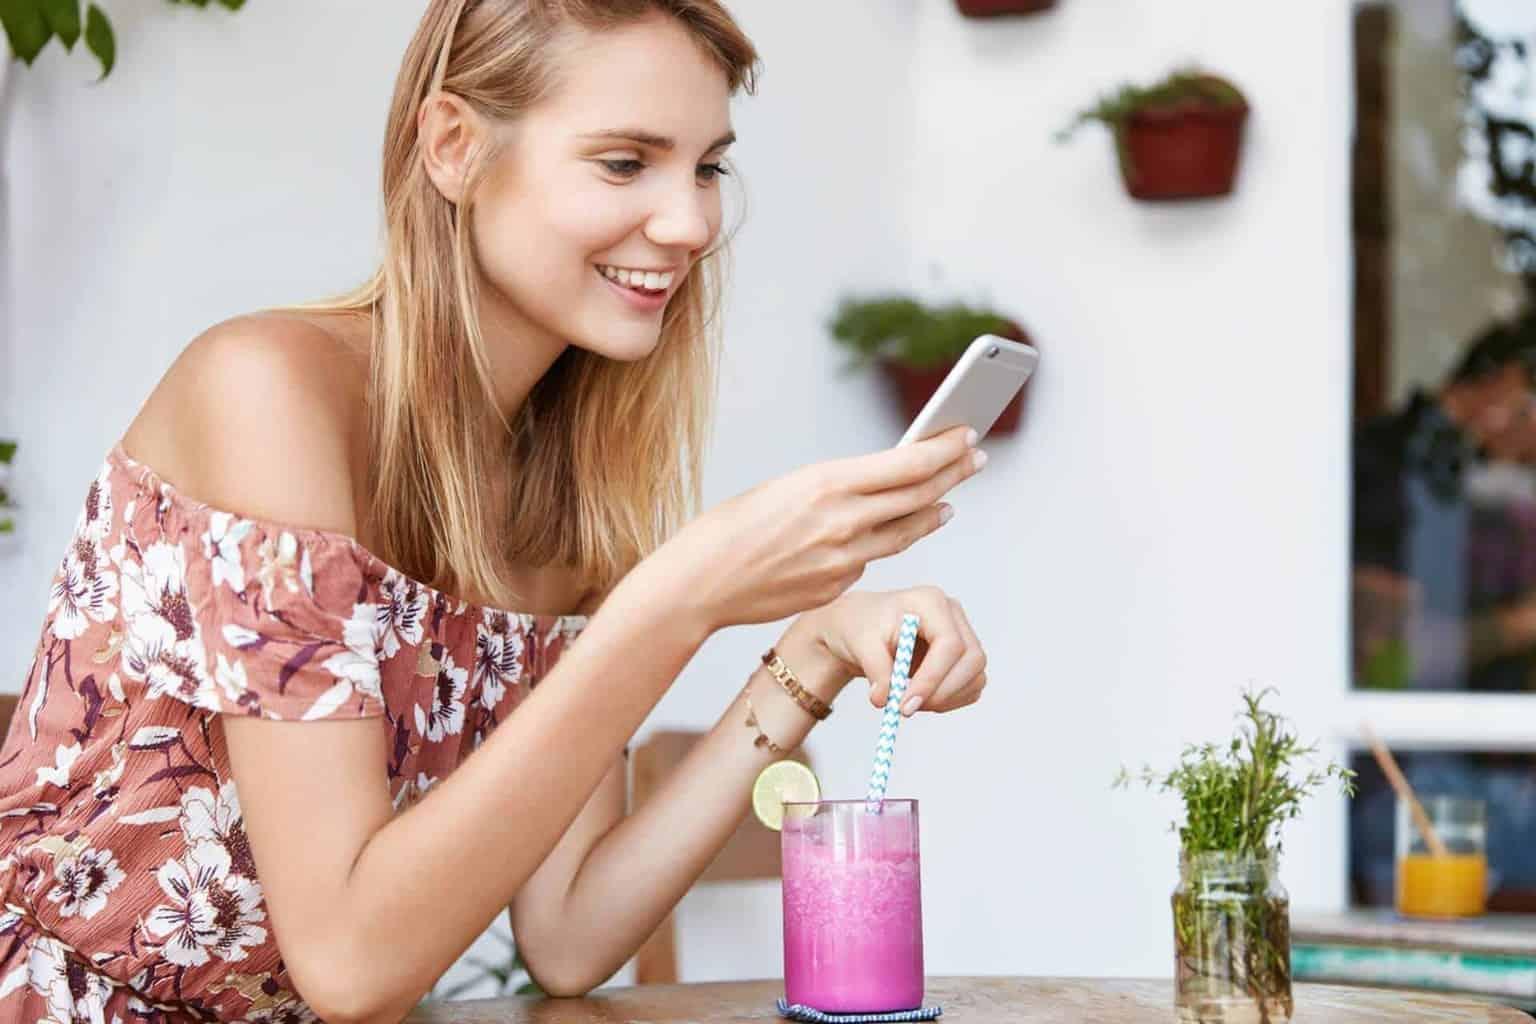 Como Textar A Una Chica - Main